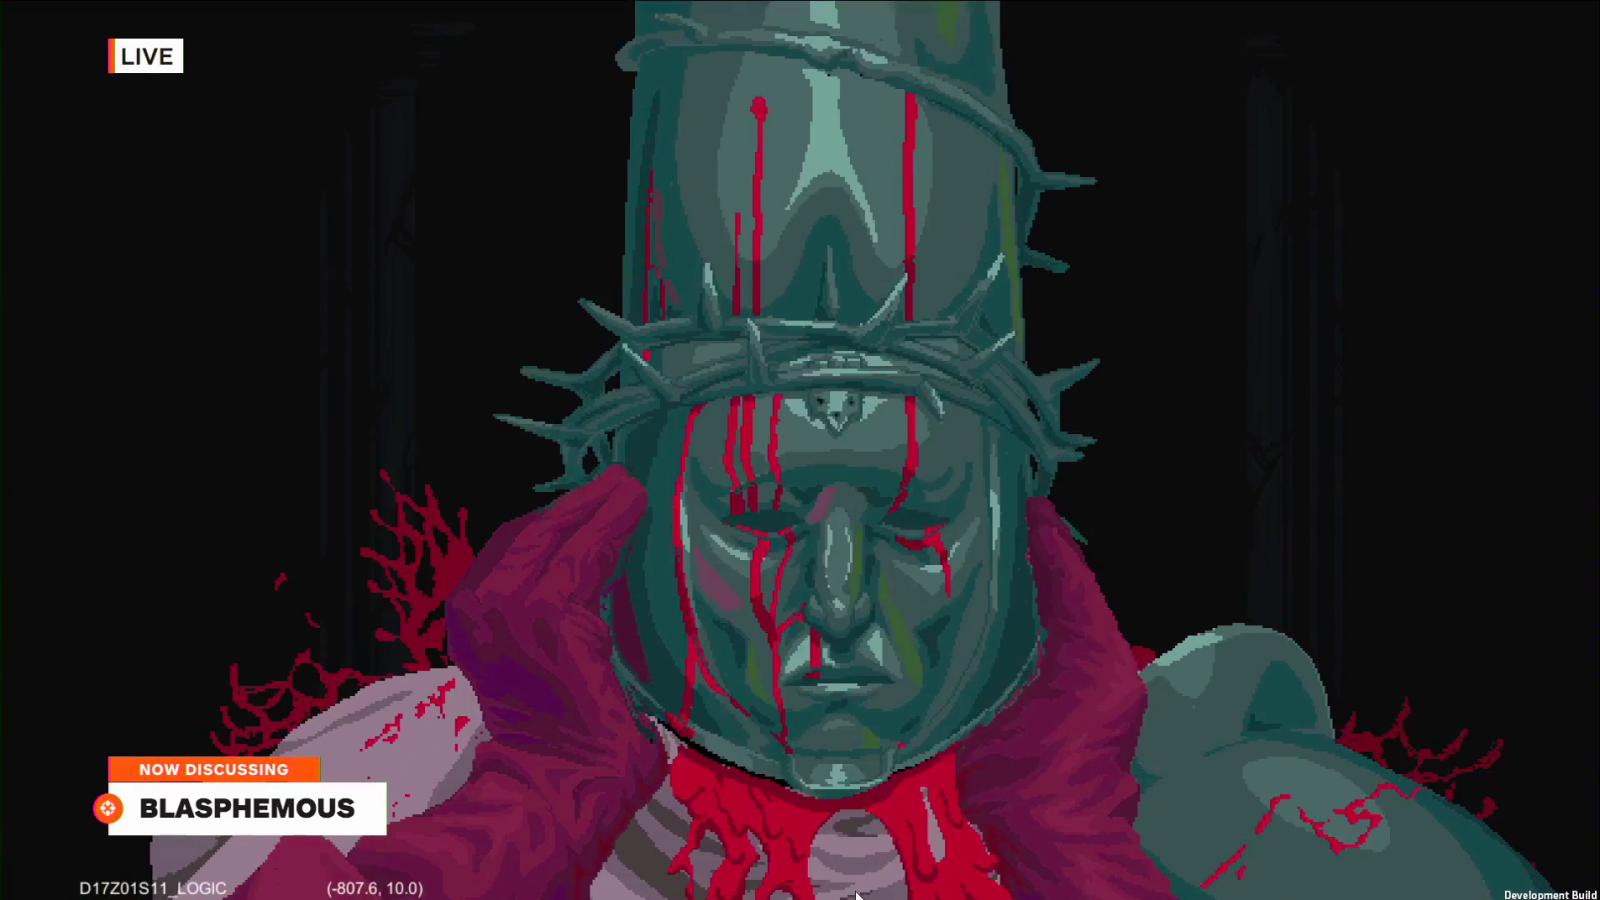 想立刻就玩到,IGN带来像素动作游戏《渎神》14分钟试玩